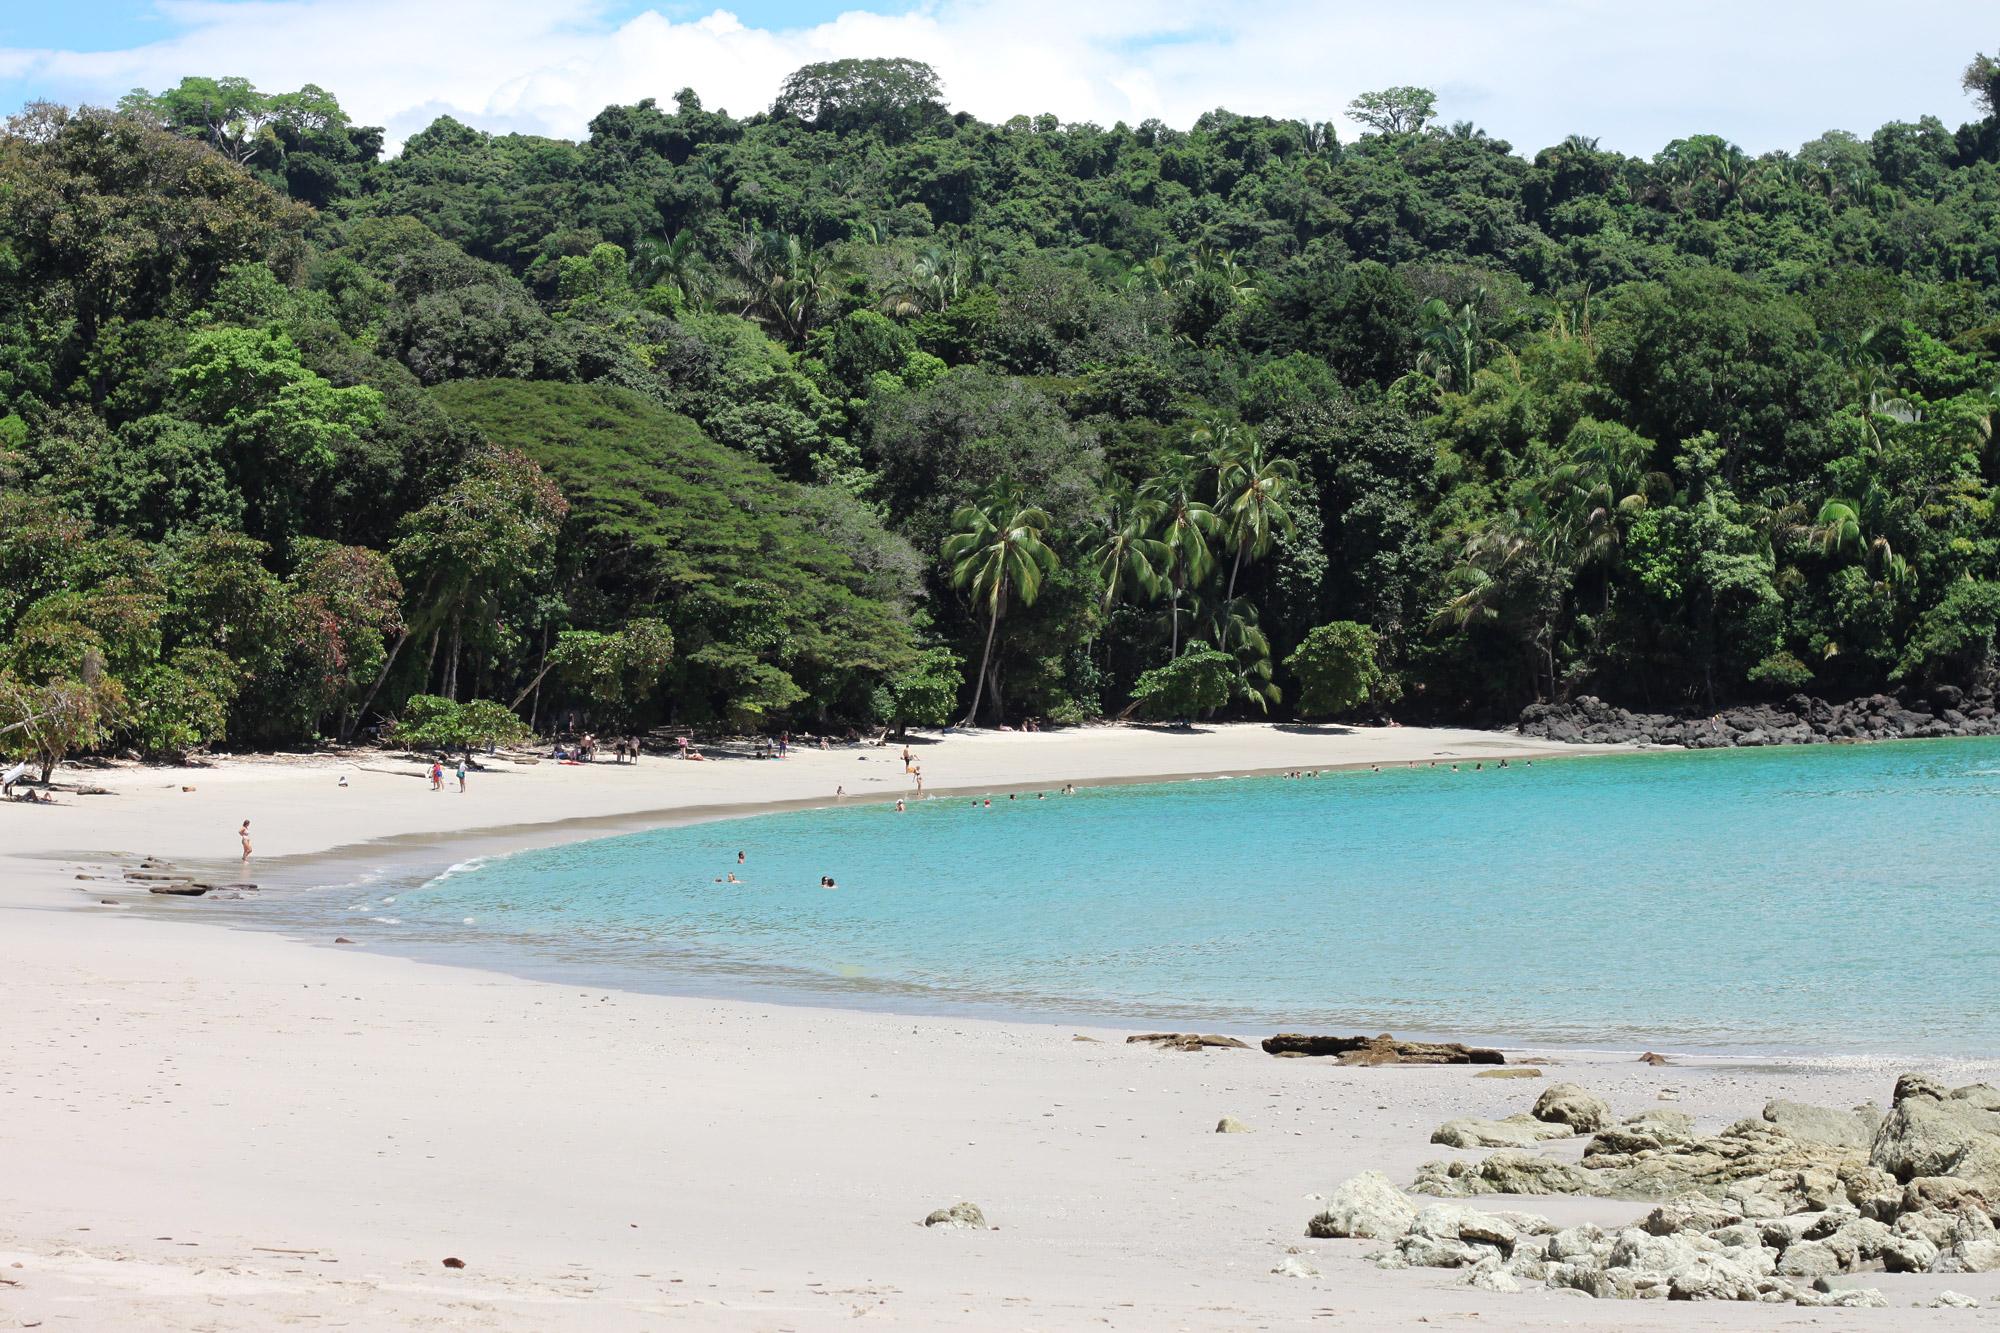 Costa Rica 2014 - dag 13 - Parque Nacional Manuel Antonio